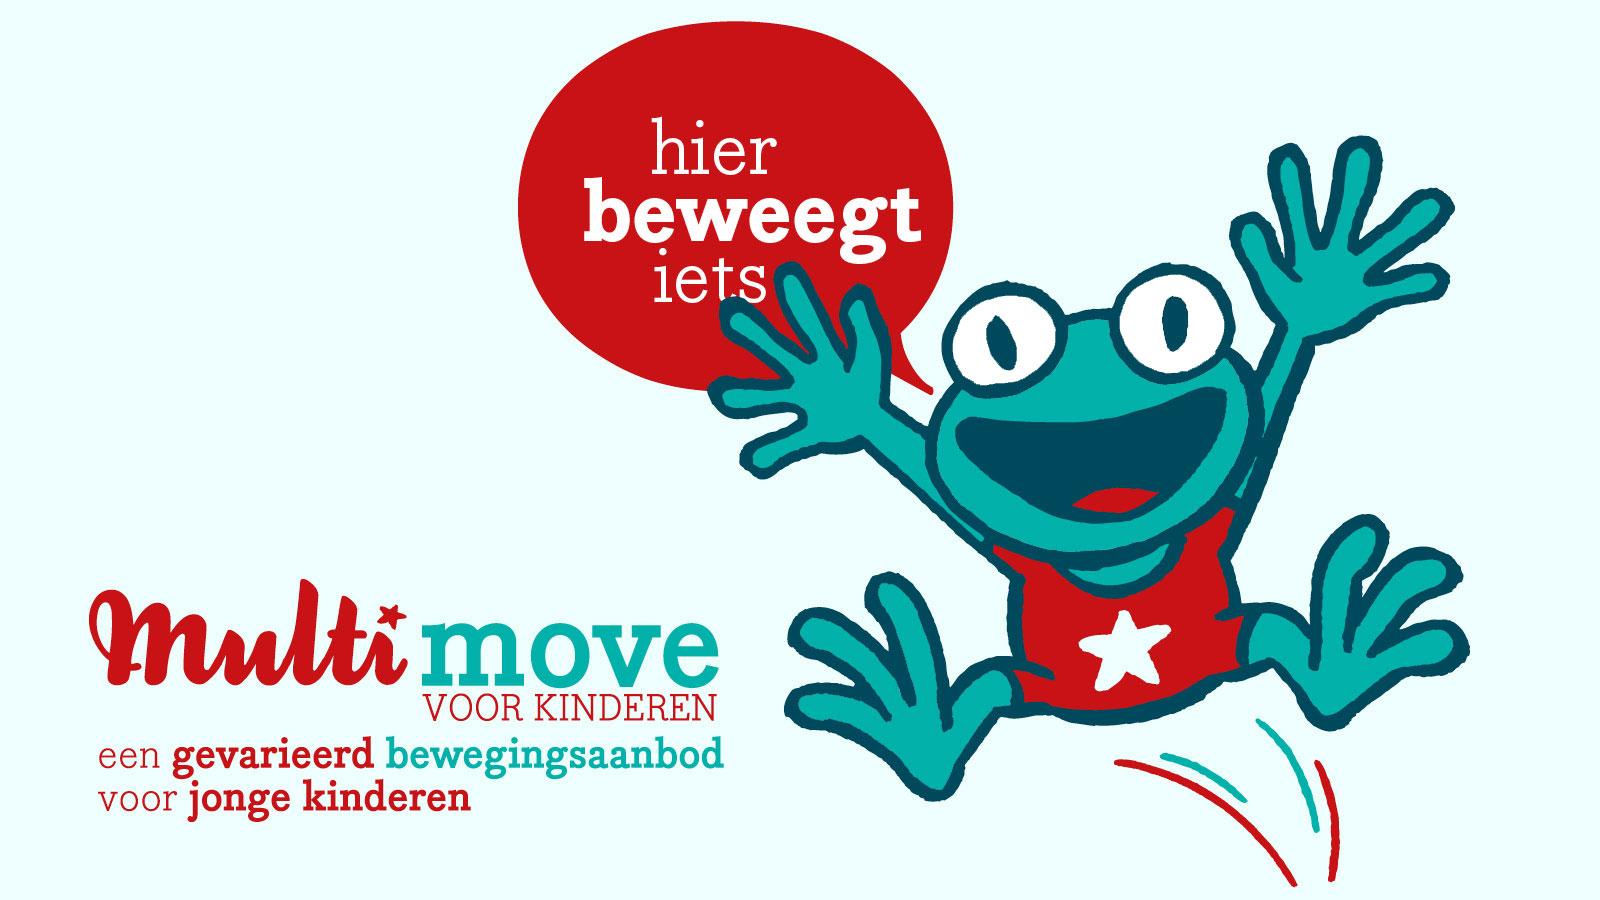 Multimove voor kinderen: campagnebeeld